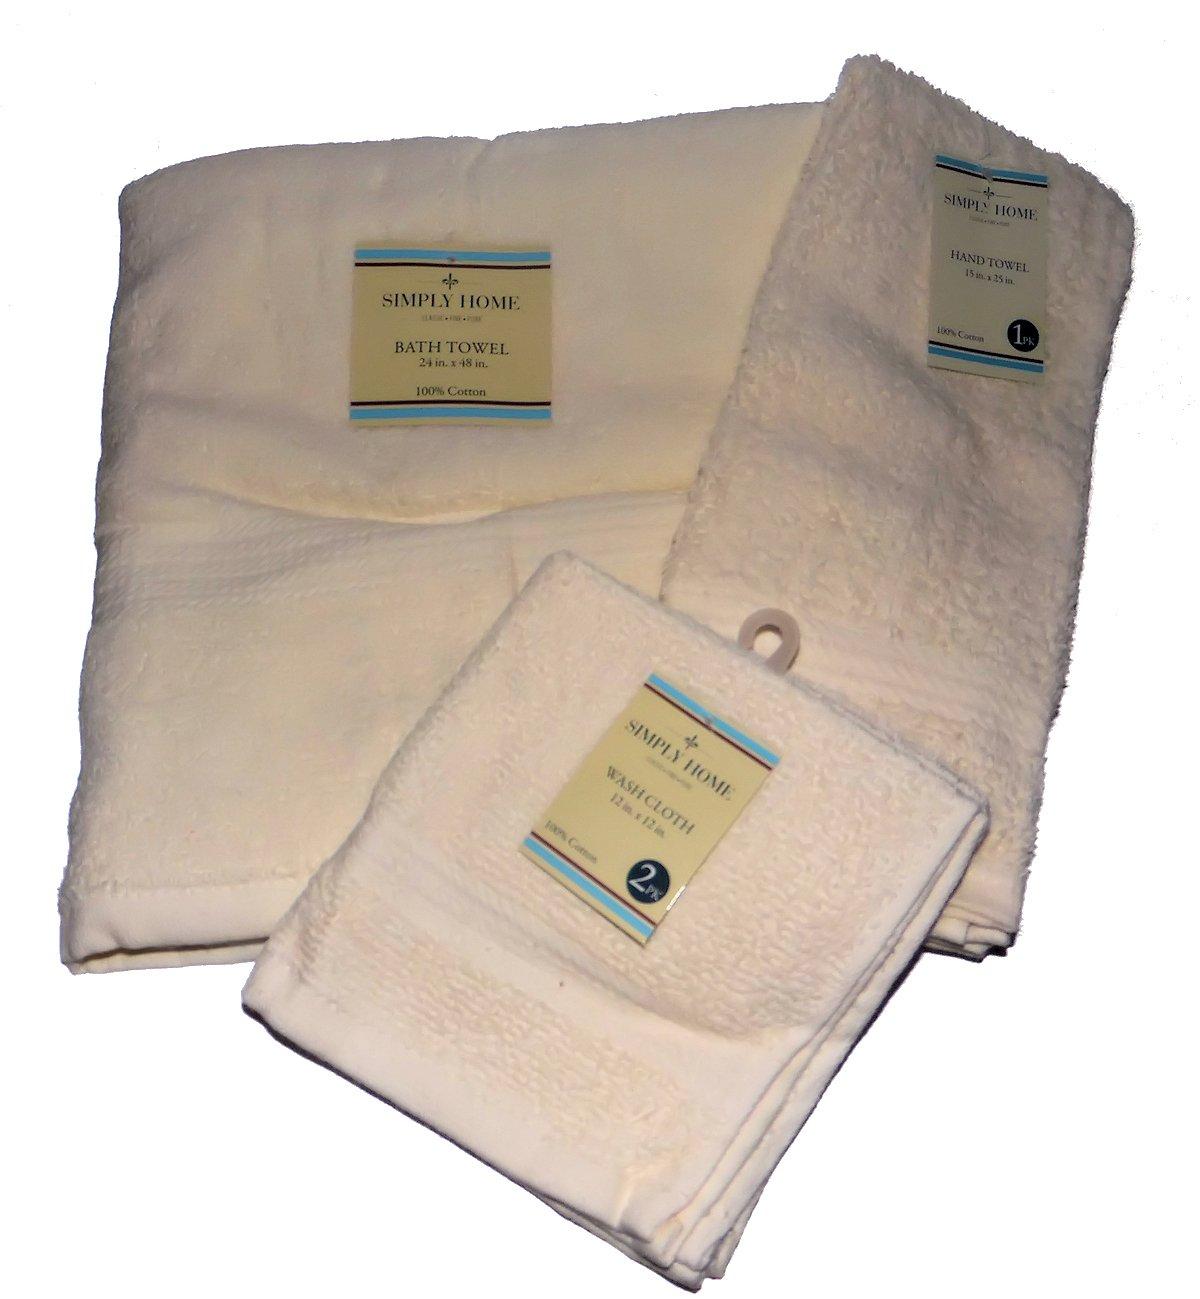 Solid Color Bath Towel Sets 4 Pieces Bath Towel, Hand Towel and 2 Wash Cloths 100% Cotton (Cream)